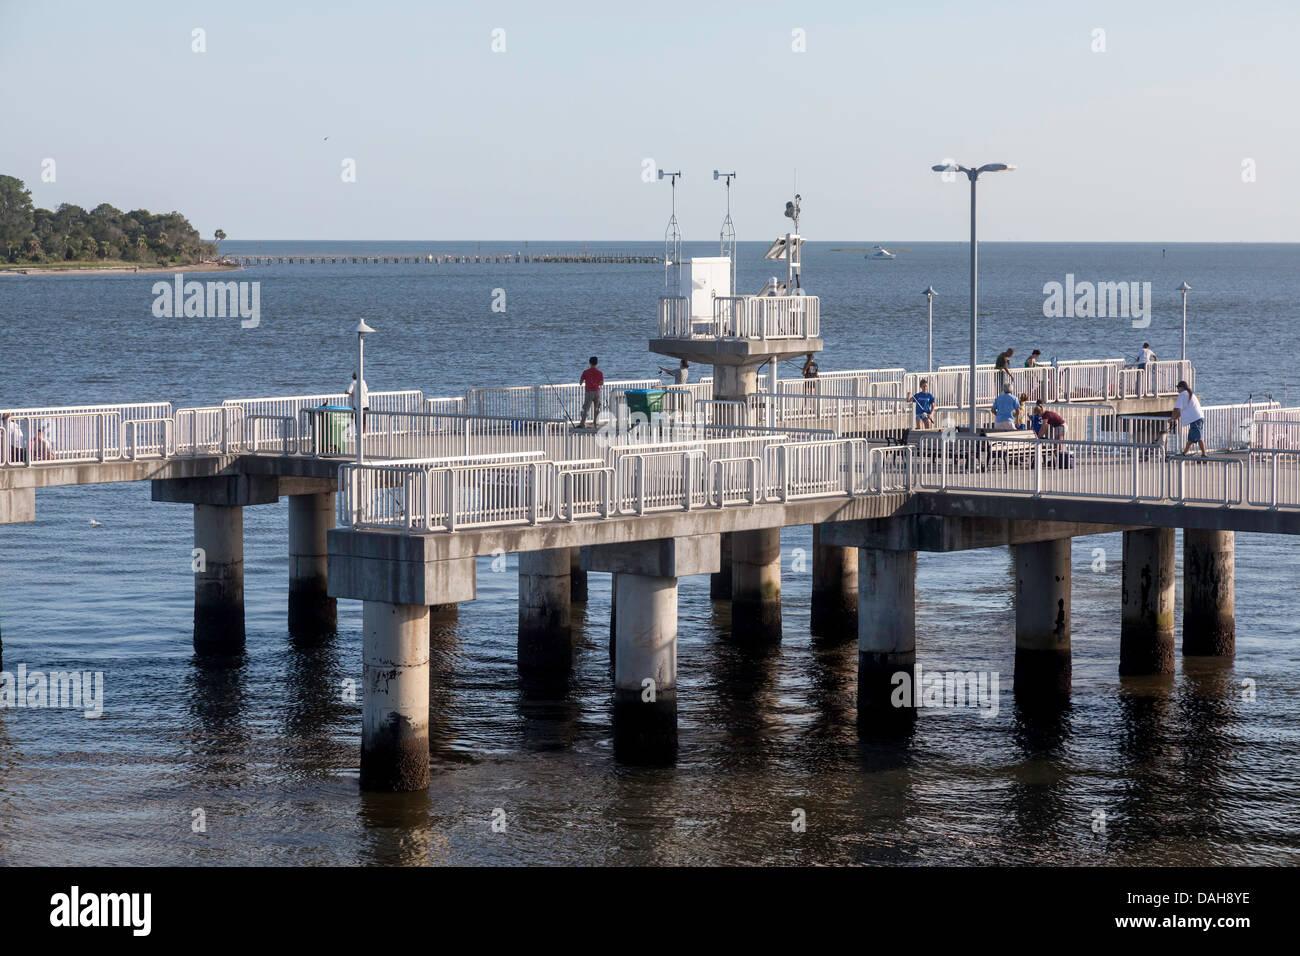 Public Fishing Pier On Dock Street In Cedar Key Florida Along The